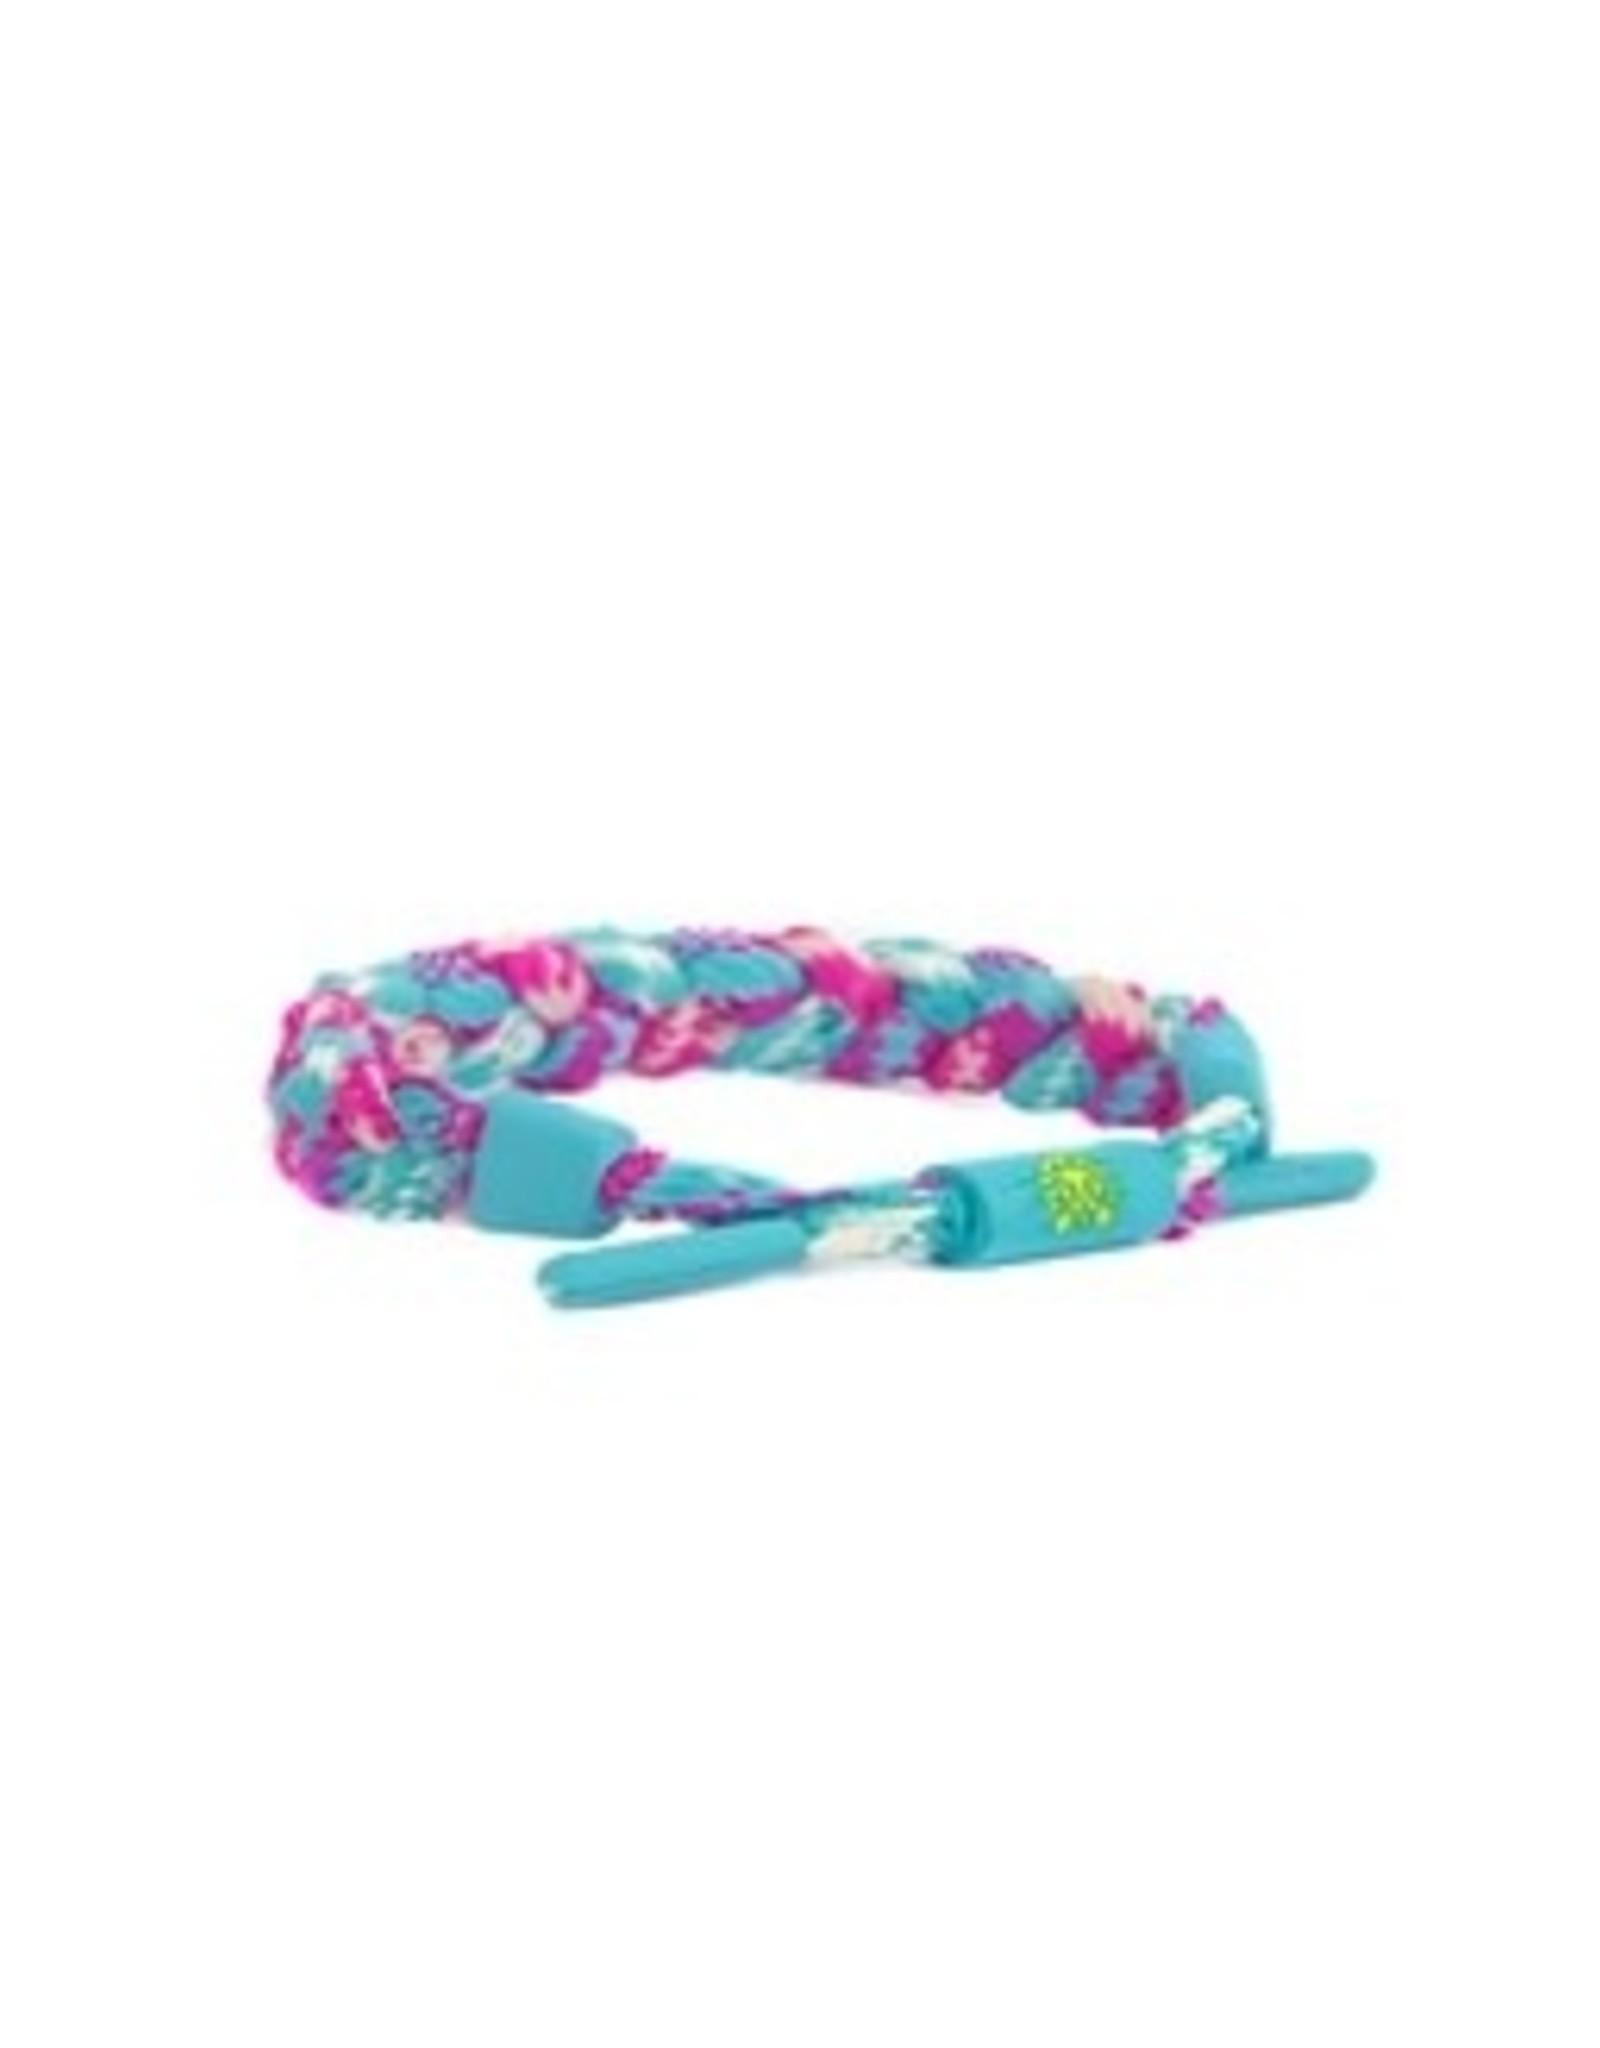 rastaclat Rastaclat - Bracelet femme wave error pink /blue